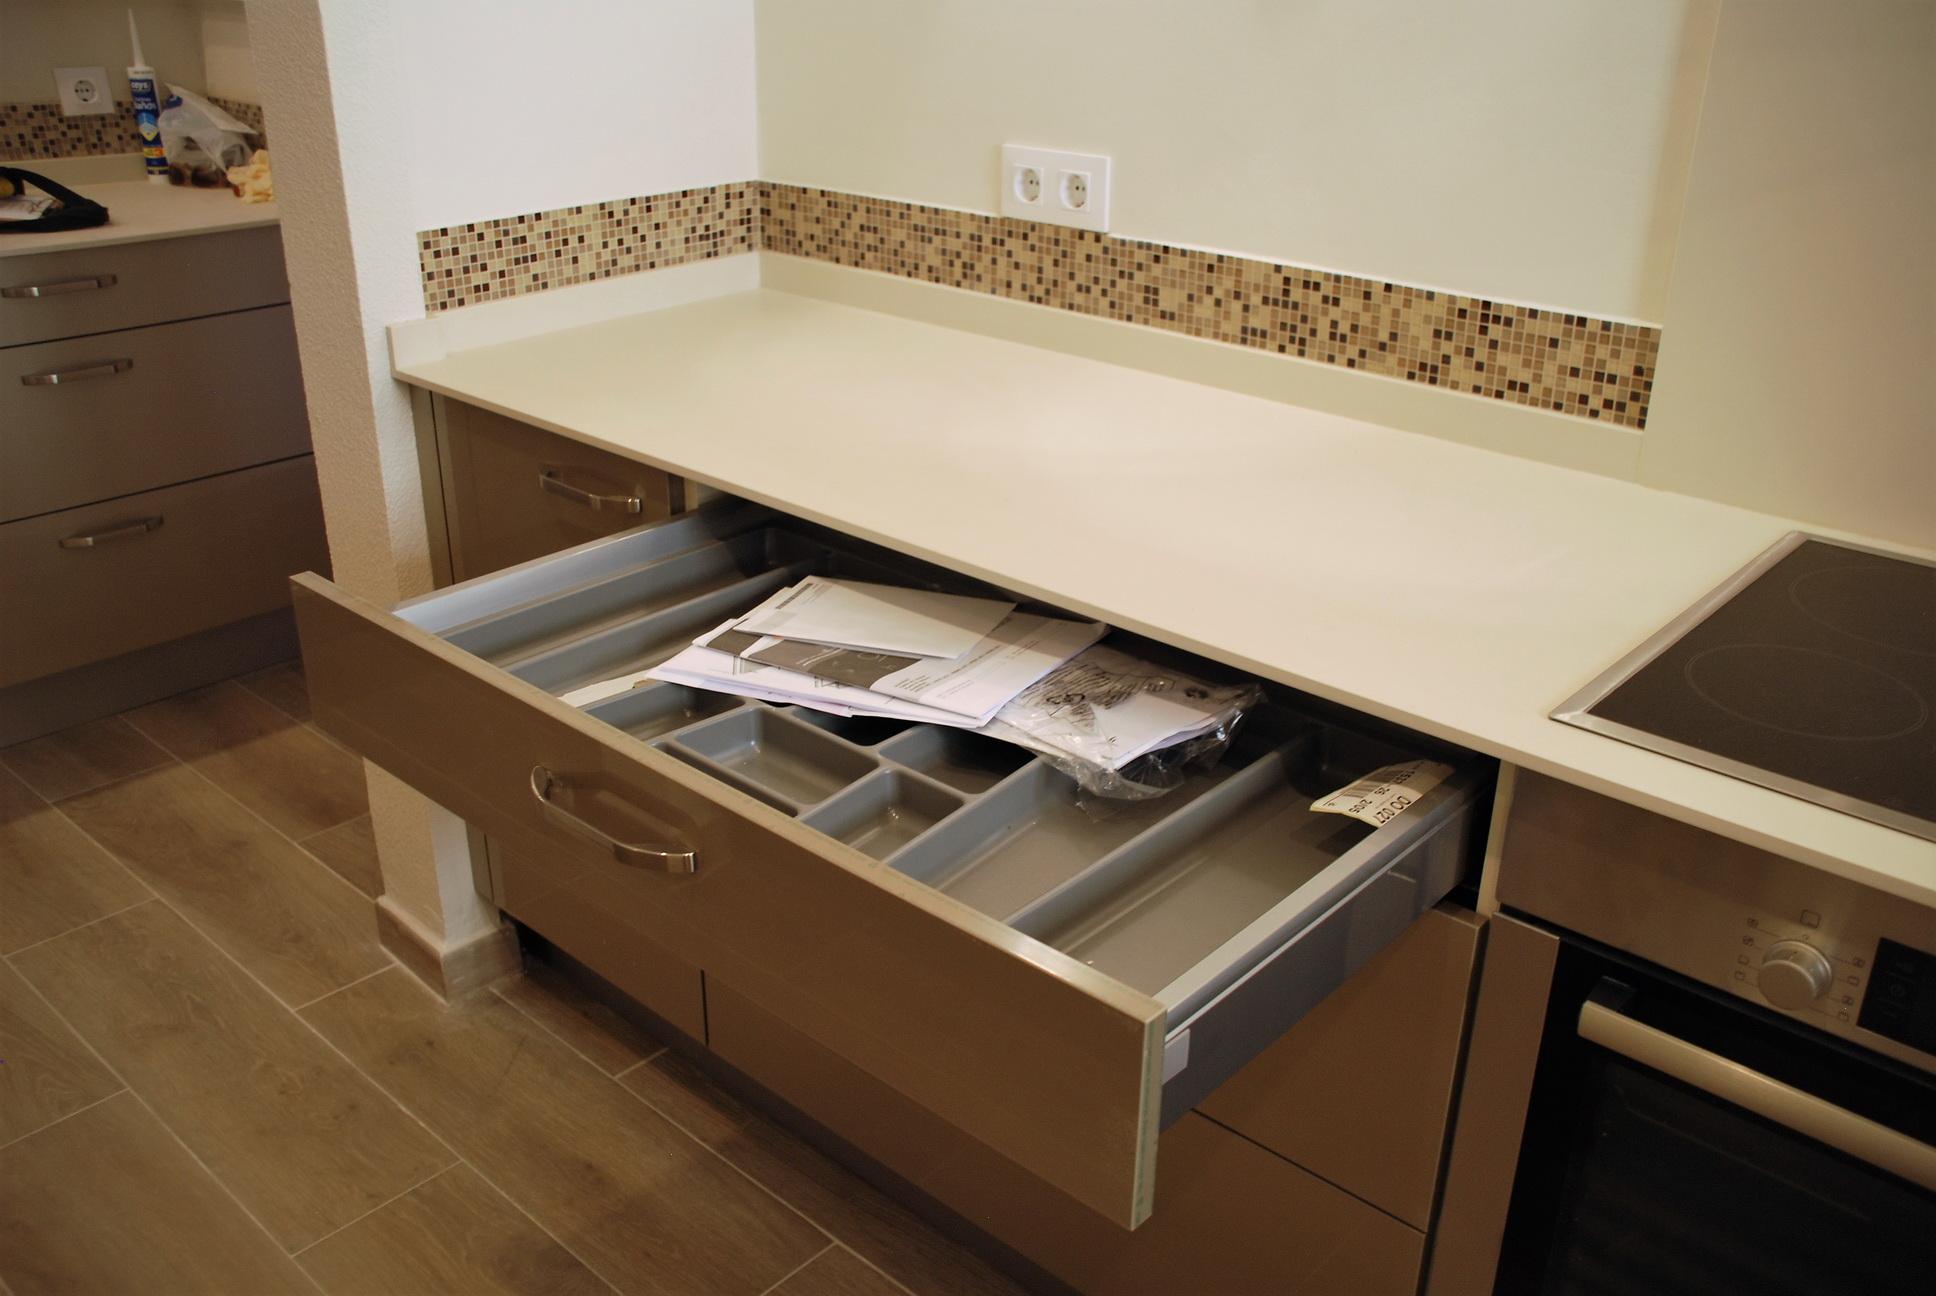 Casa Interior Küchentime Xeno 7